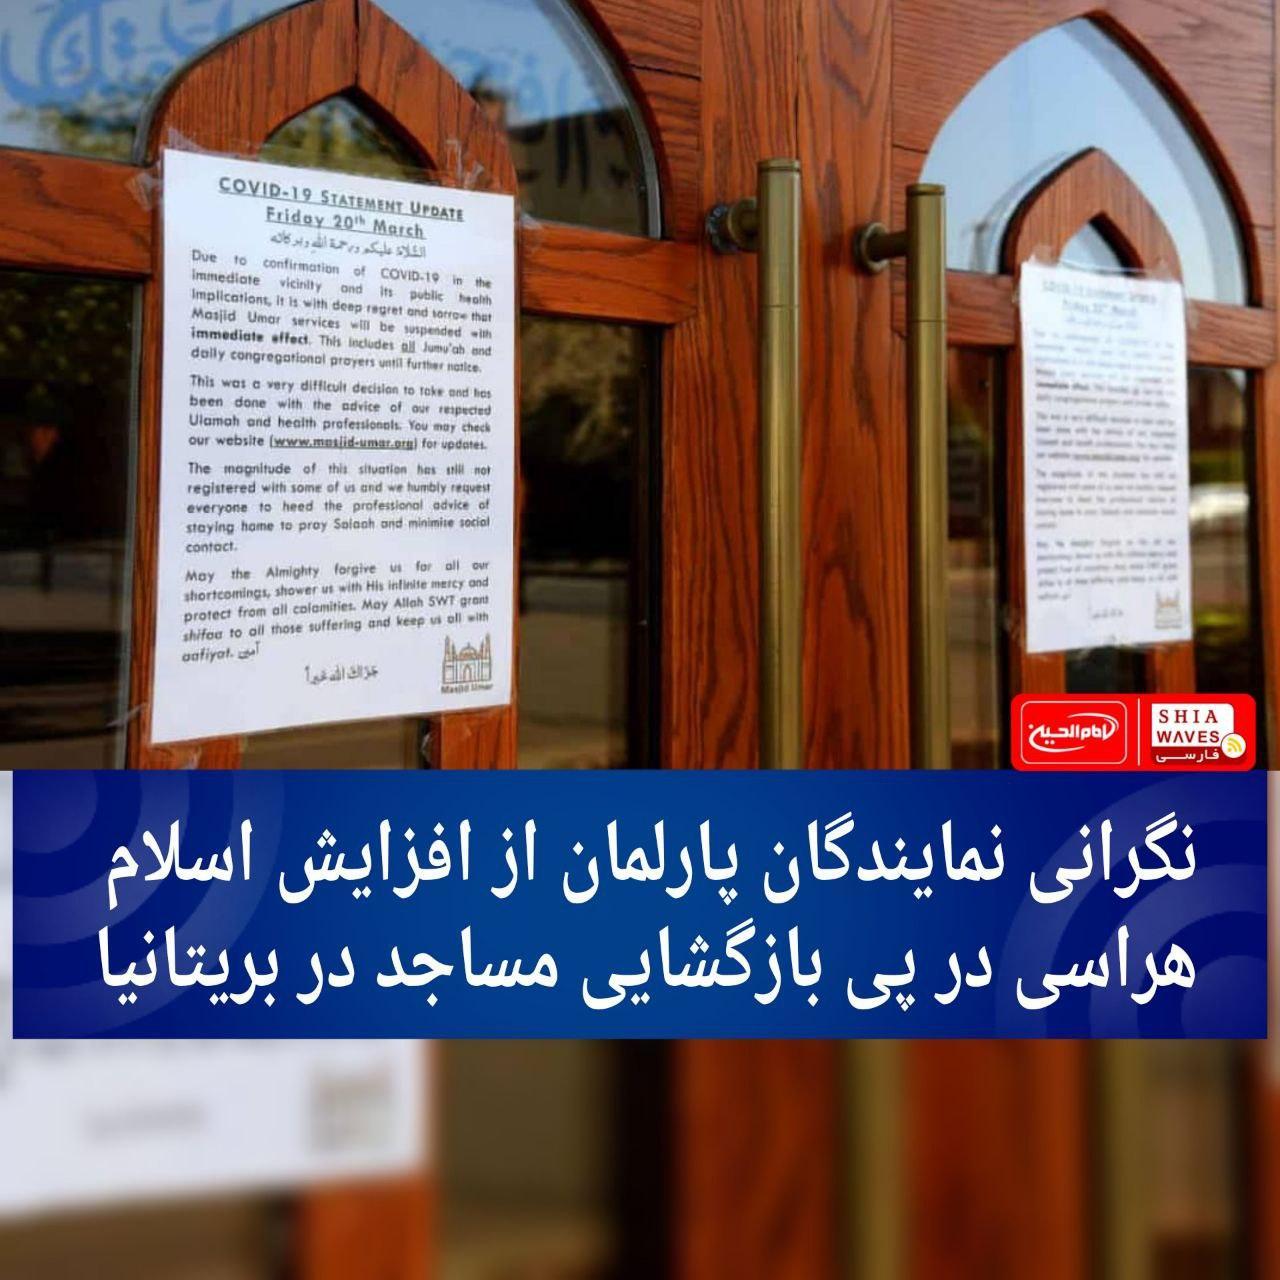 تصویر نگرانی نمایندگان پارلمان از افزایش اسلام هراسی در پی بازگشایی مساجد در بریتانیا